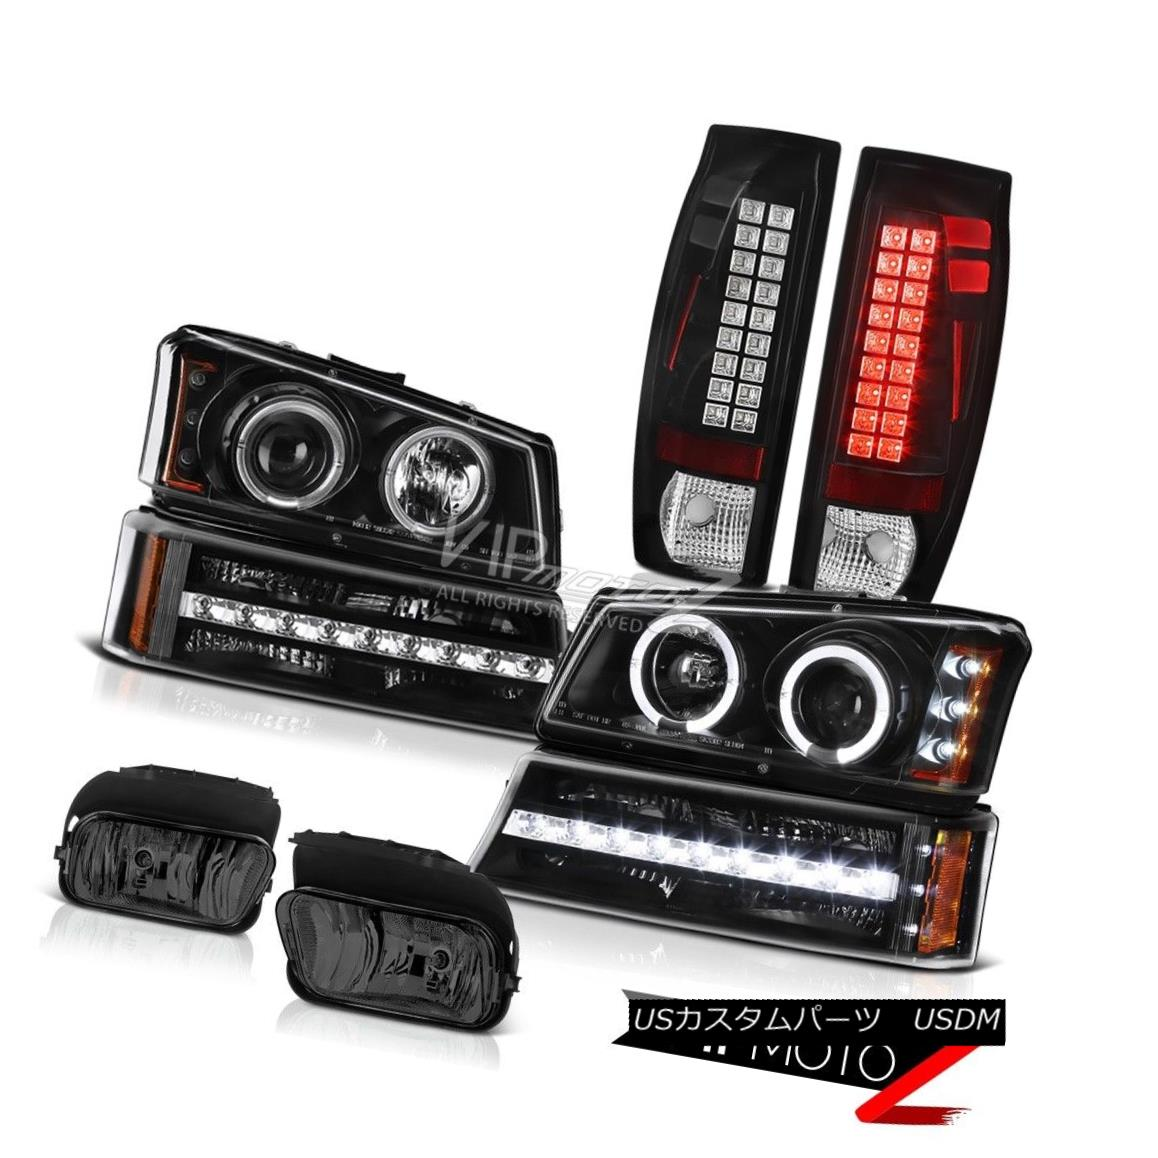 ヘッドライト 03-06 Chevy Avalanche Fog Lights Taillights Parking Light Projector Headlamps 03-06シボレーアバランチェフォグライトテールライトパーキングライトプロジェクターヘッドランプ